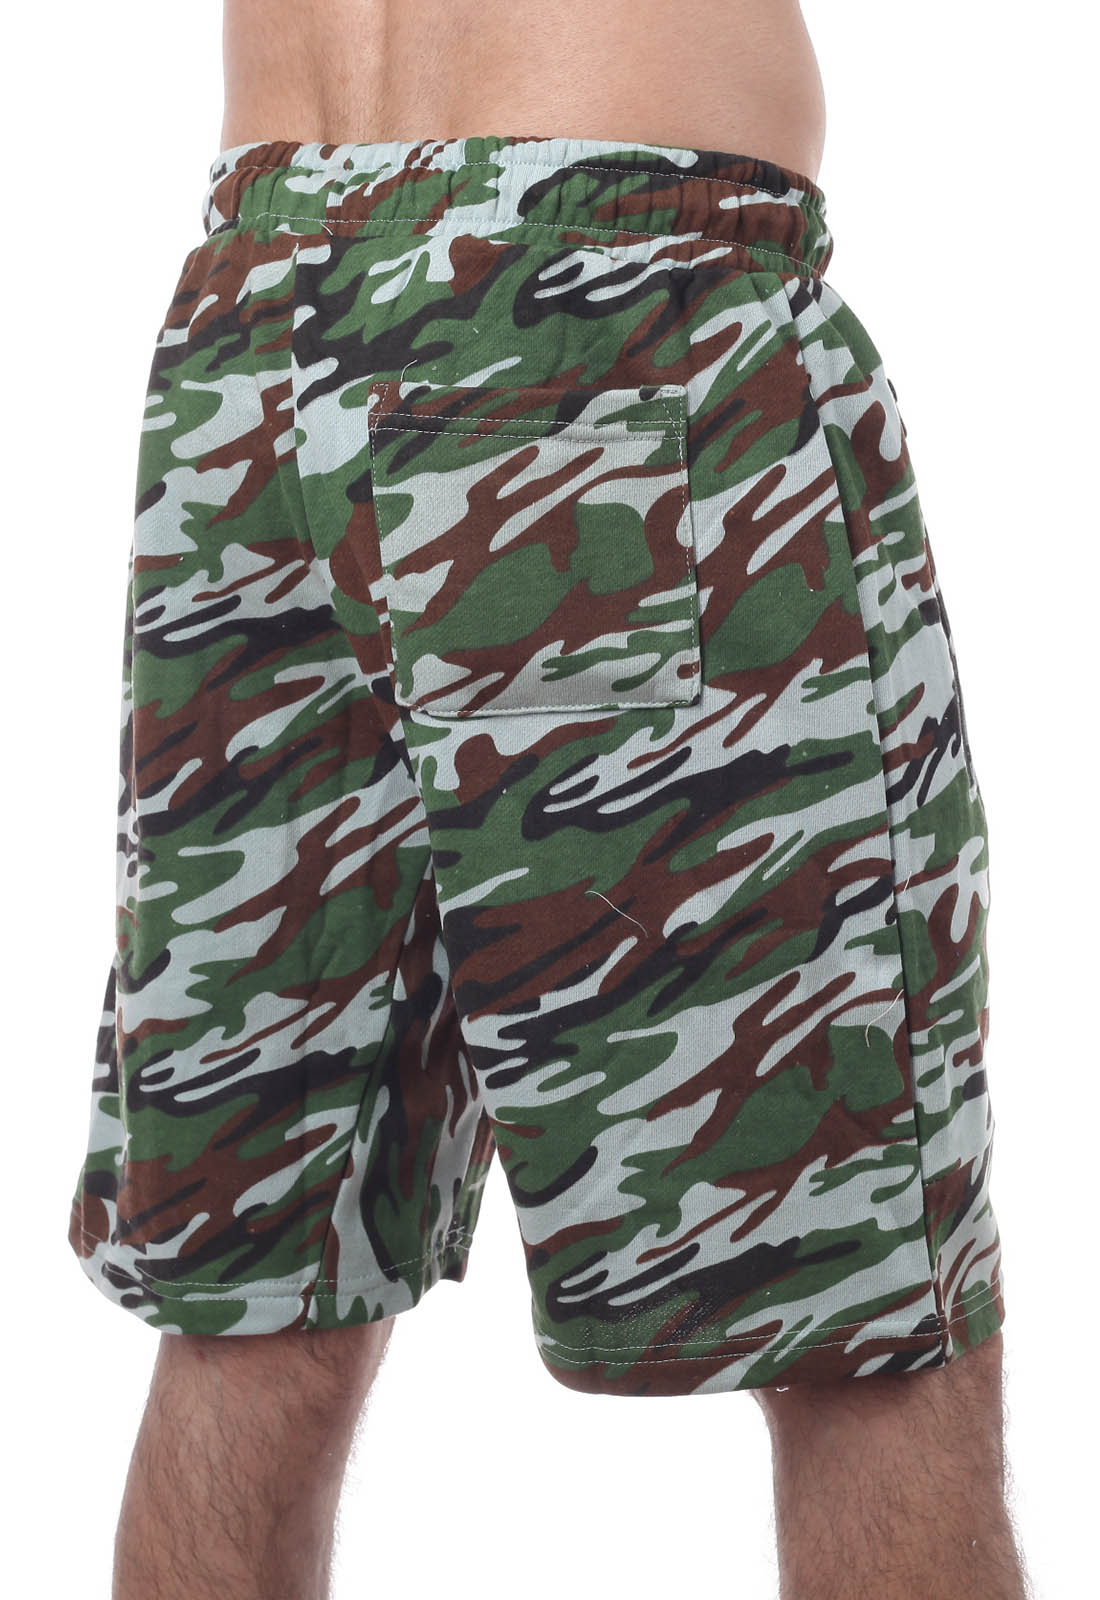 Купить в интернет магазине шорты для мужчин